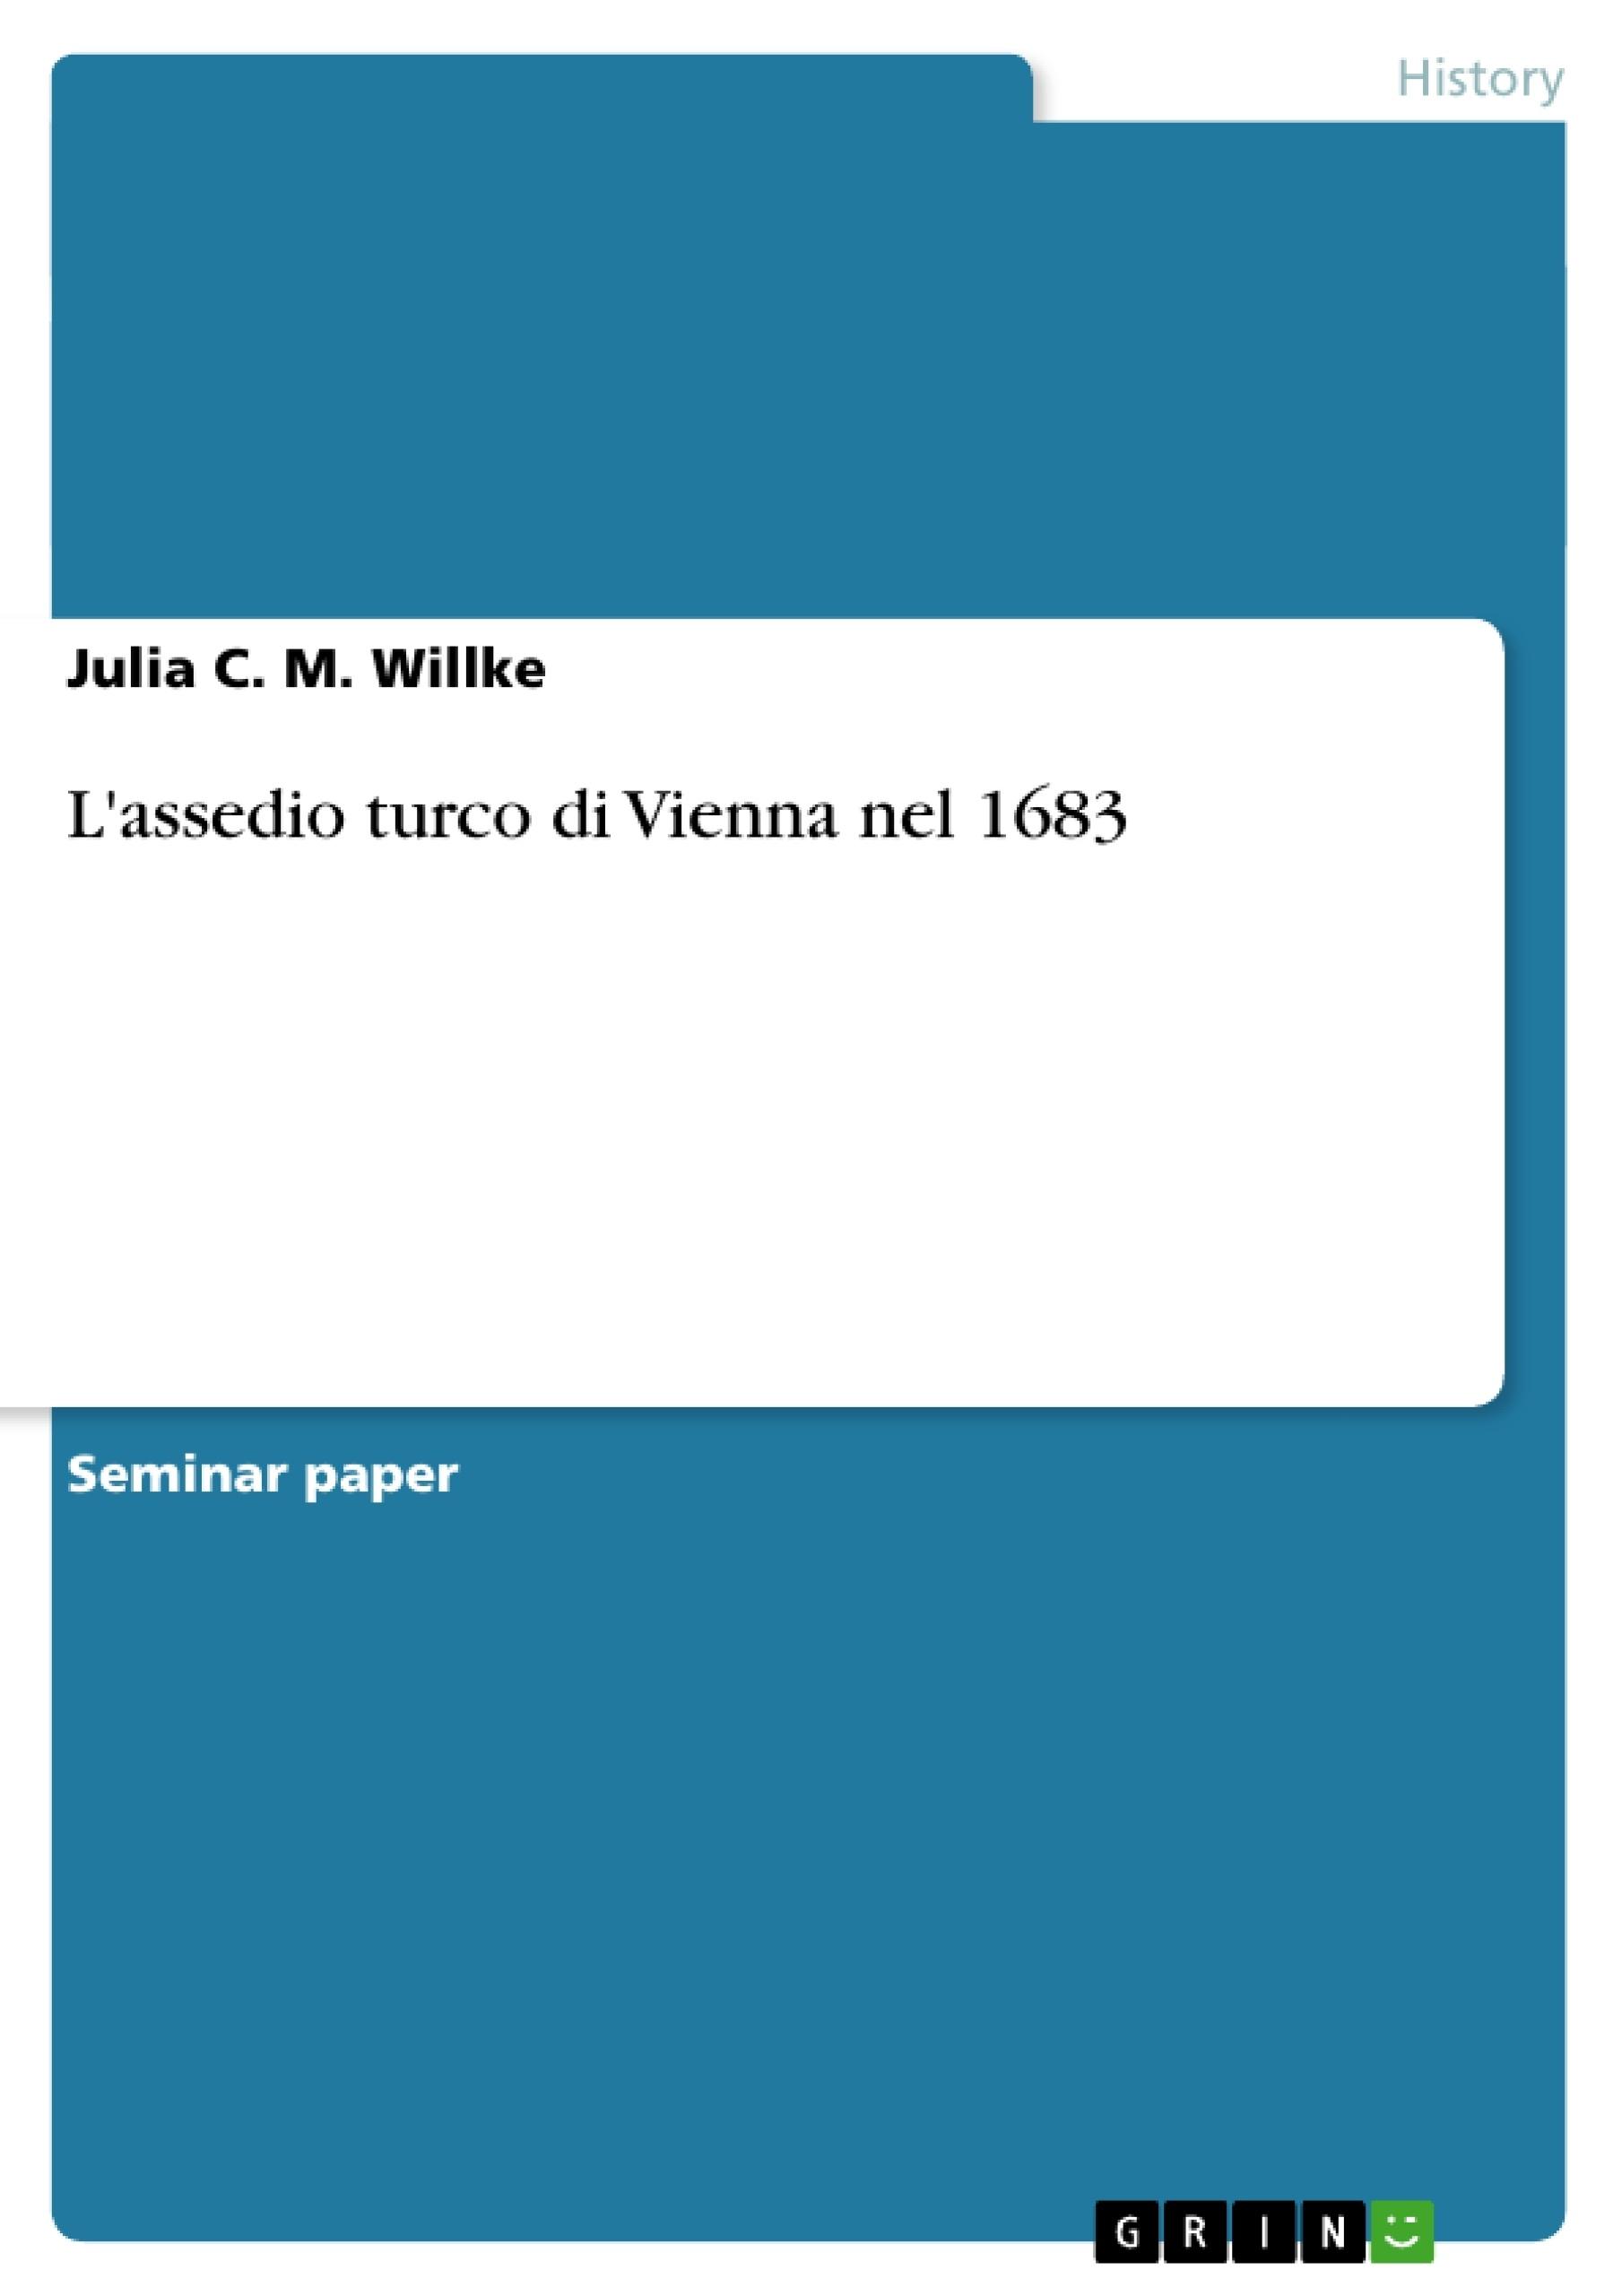 Title: L'assedio turco di Vienna nel 1683